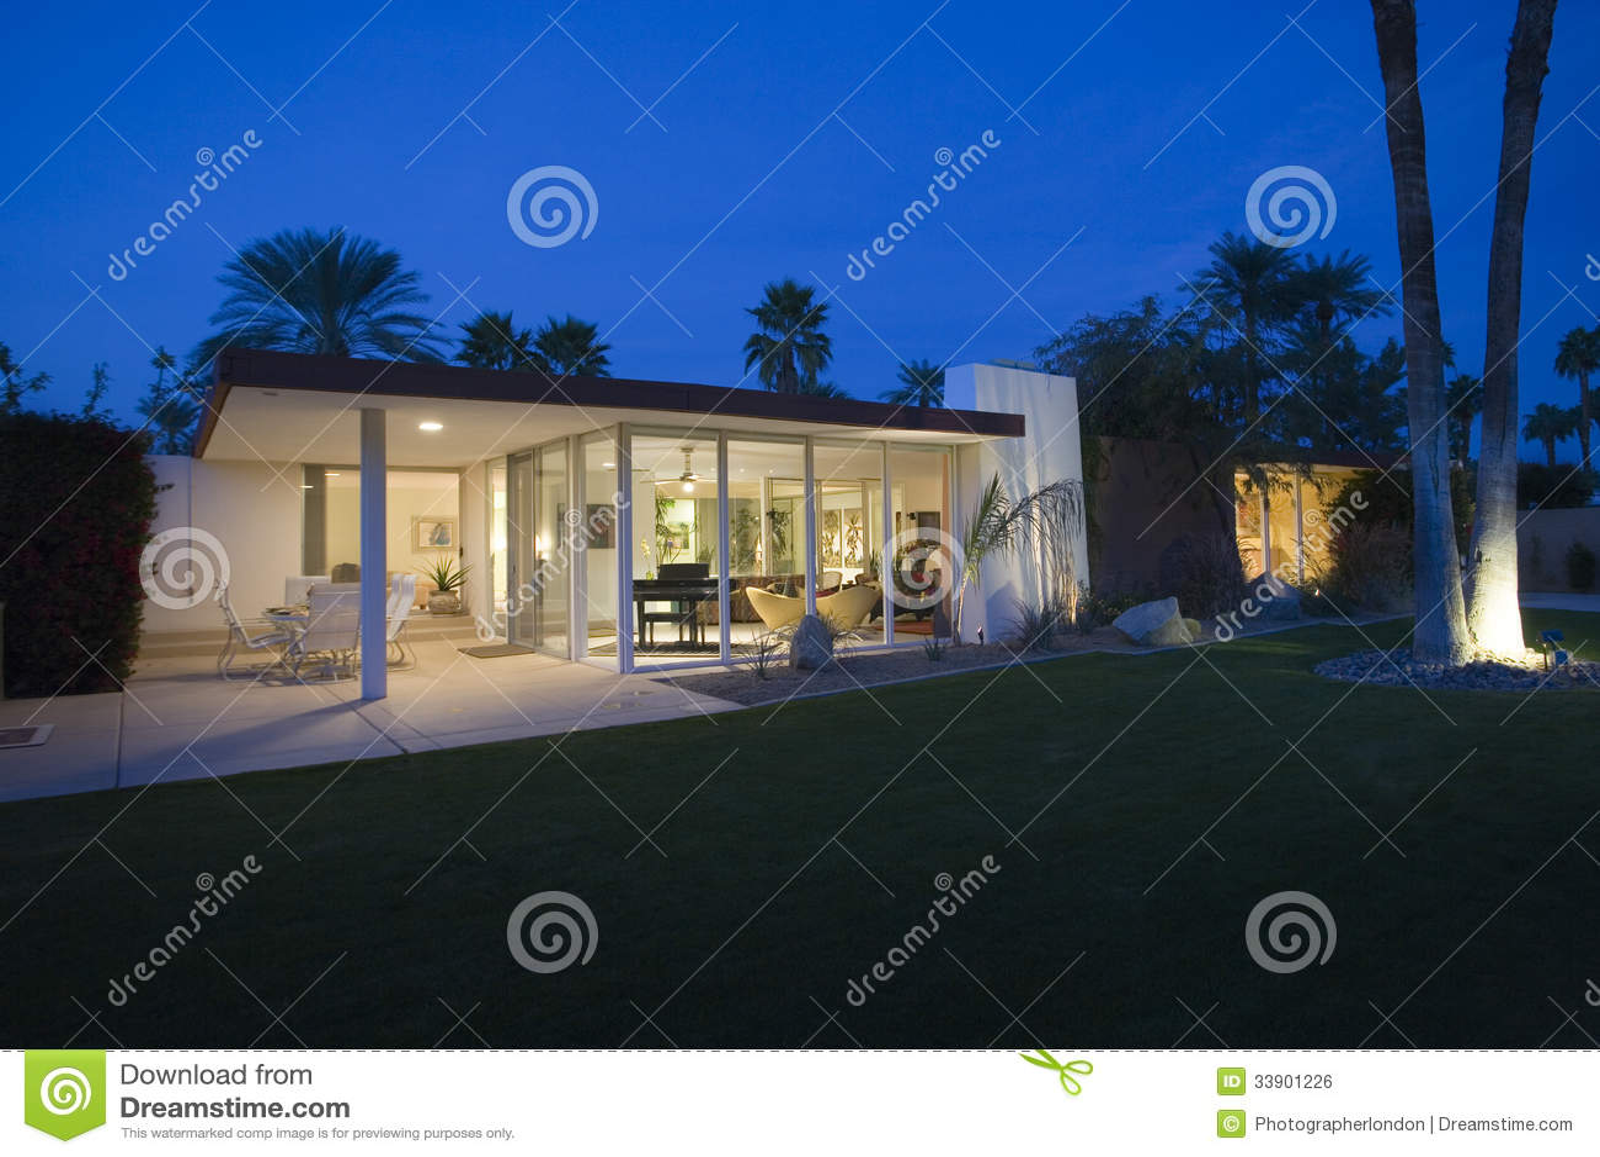 Modernes Haus außen nachts stockfoto. Bild von architektur - 33901226